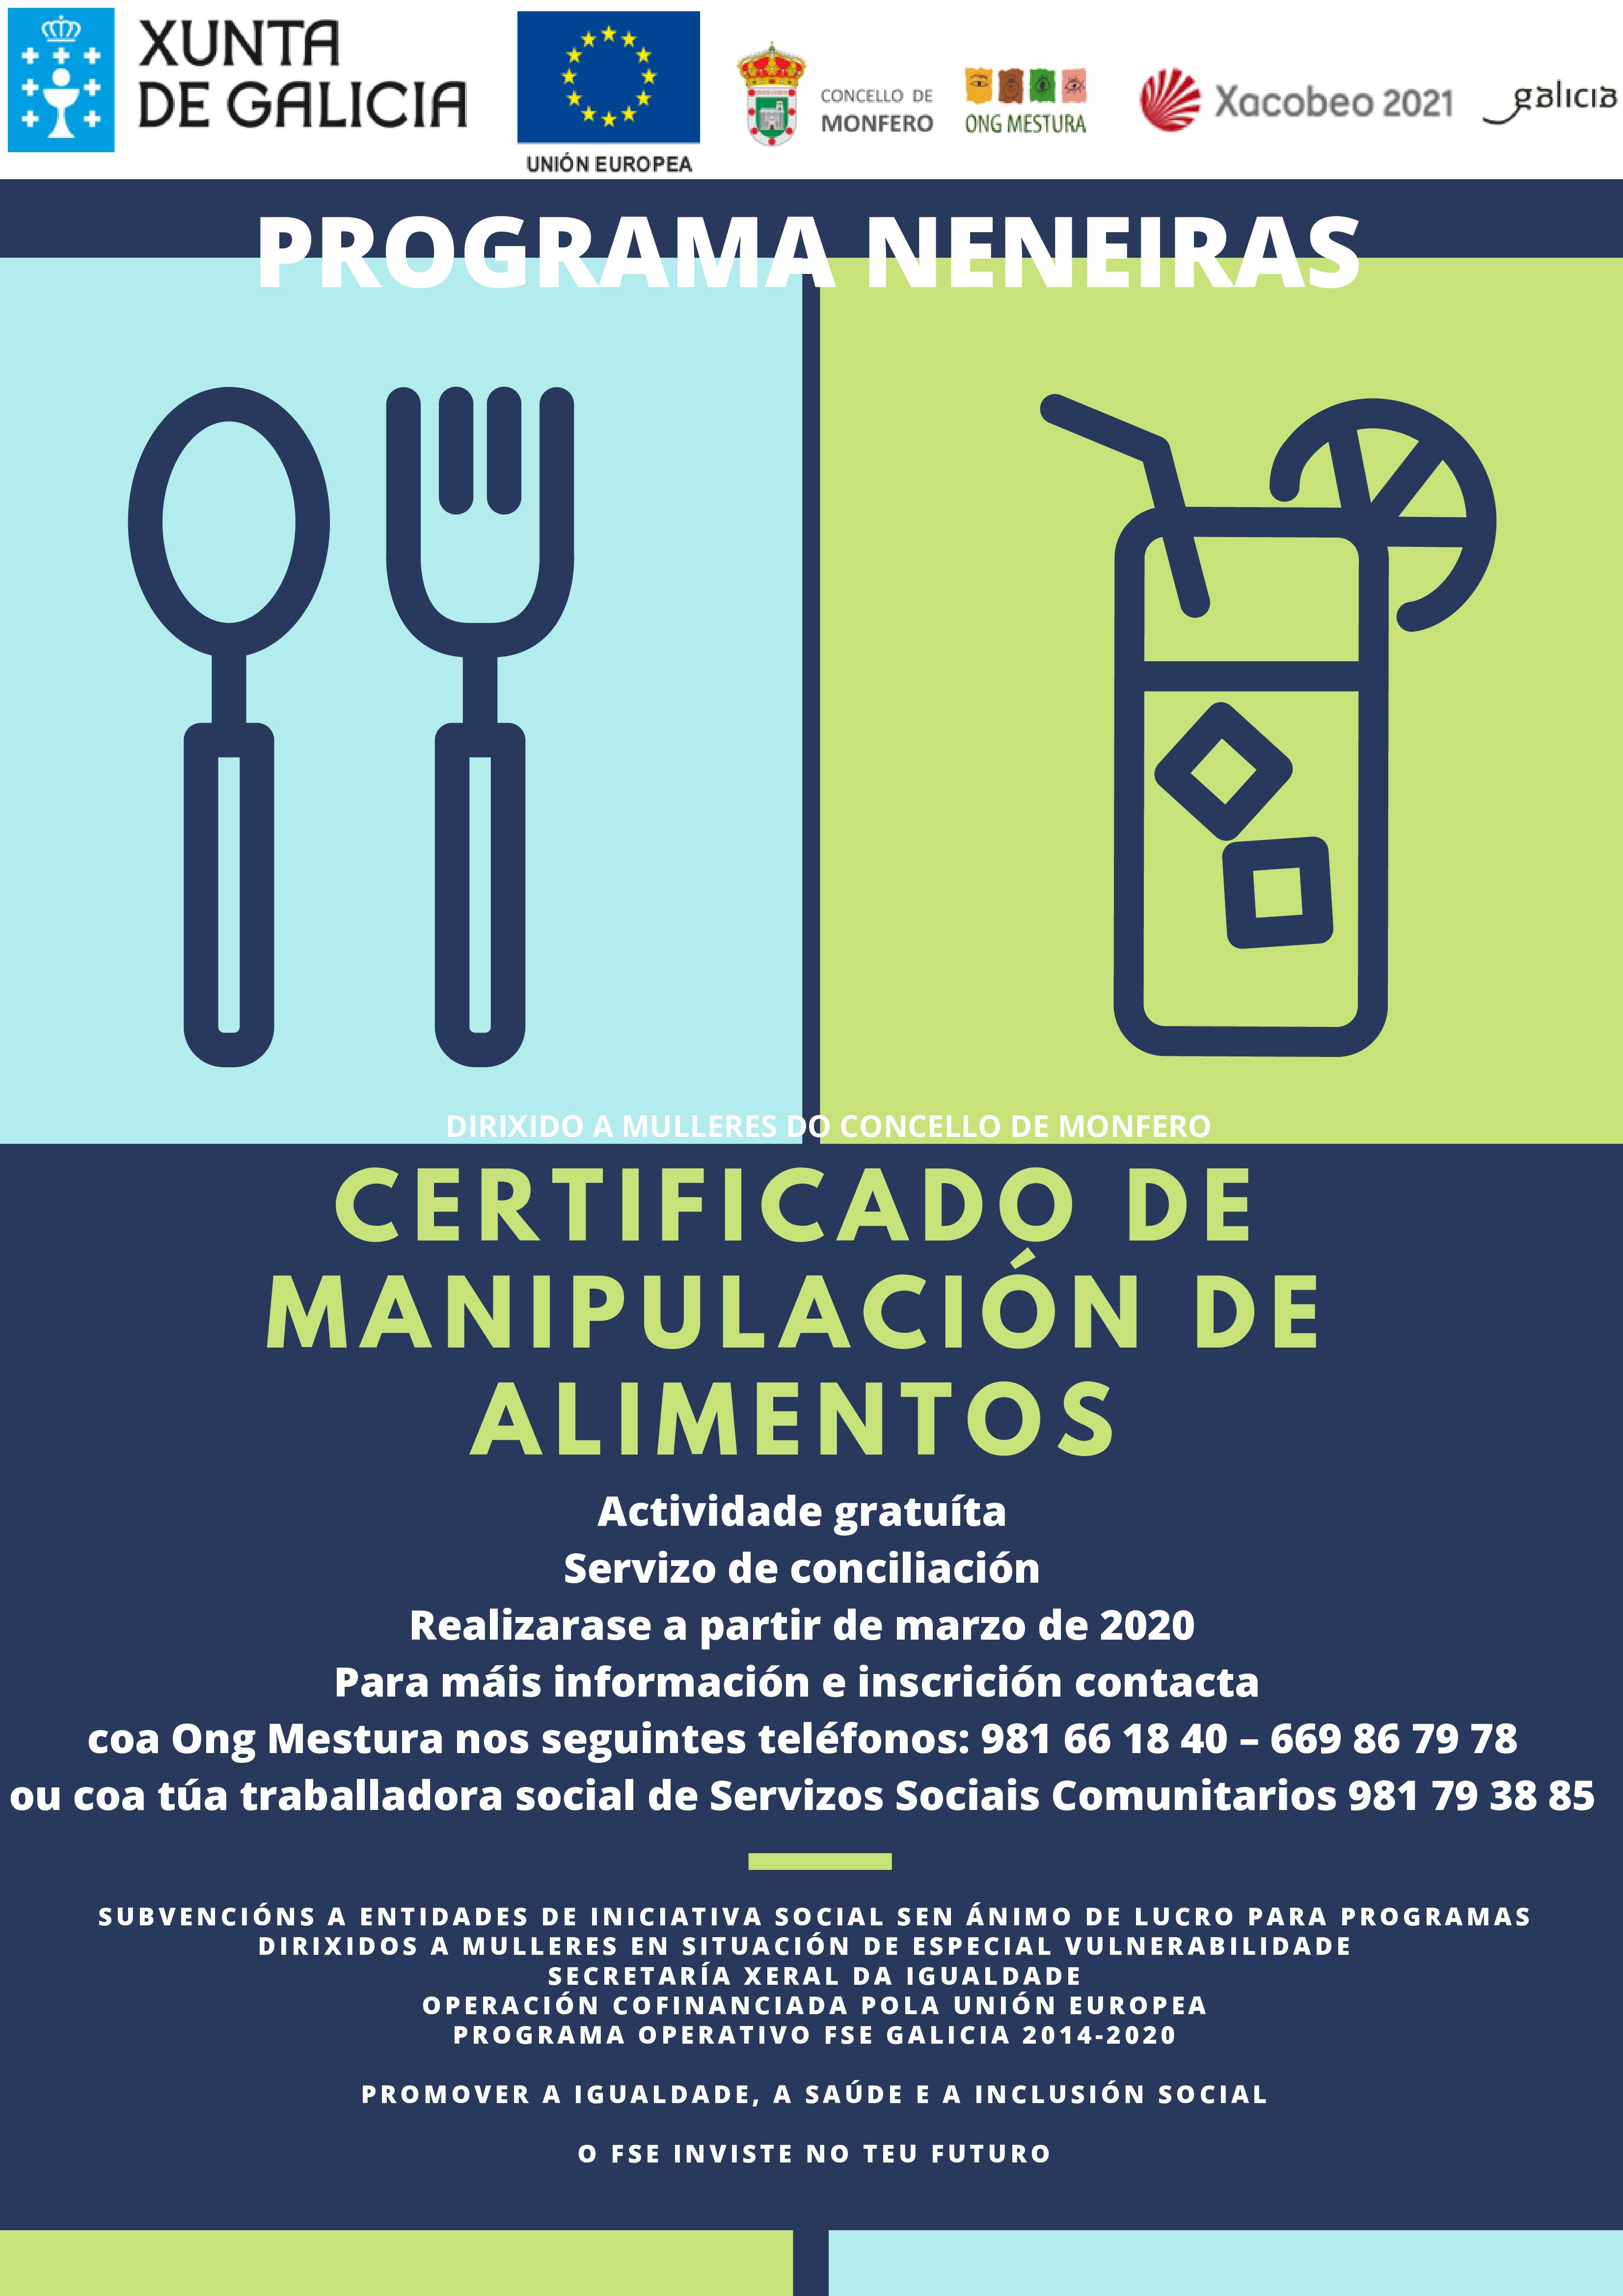 Monfero-Certificado-Manipulacion-Alimentos, ong mestura